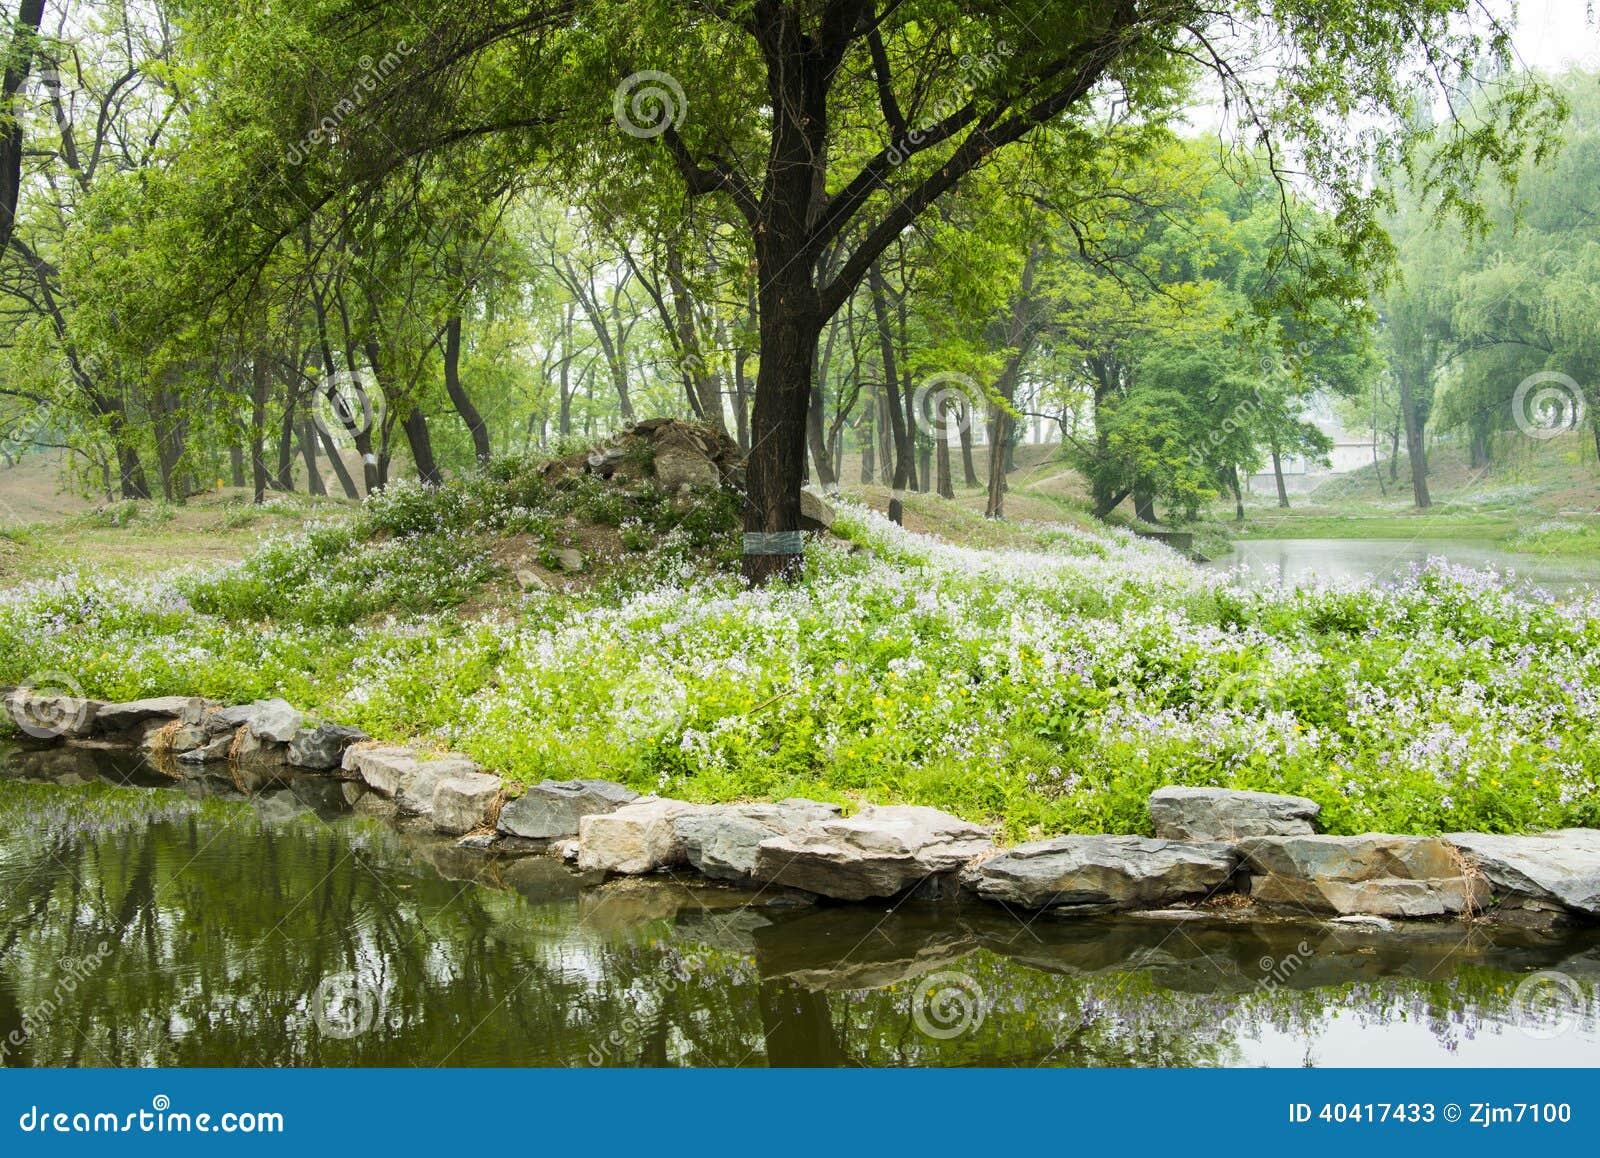 vieux paysage naturel chinois asiatique de palais d 39 t image stock image du beau beijing. Black Bedroom Furniture Sets. Home Design Ideas